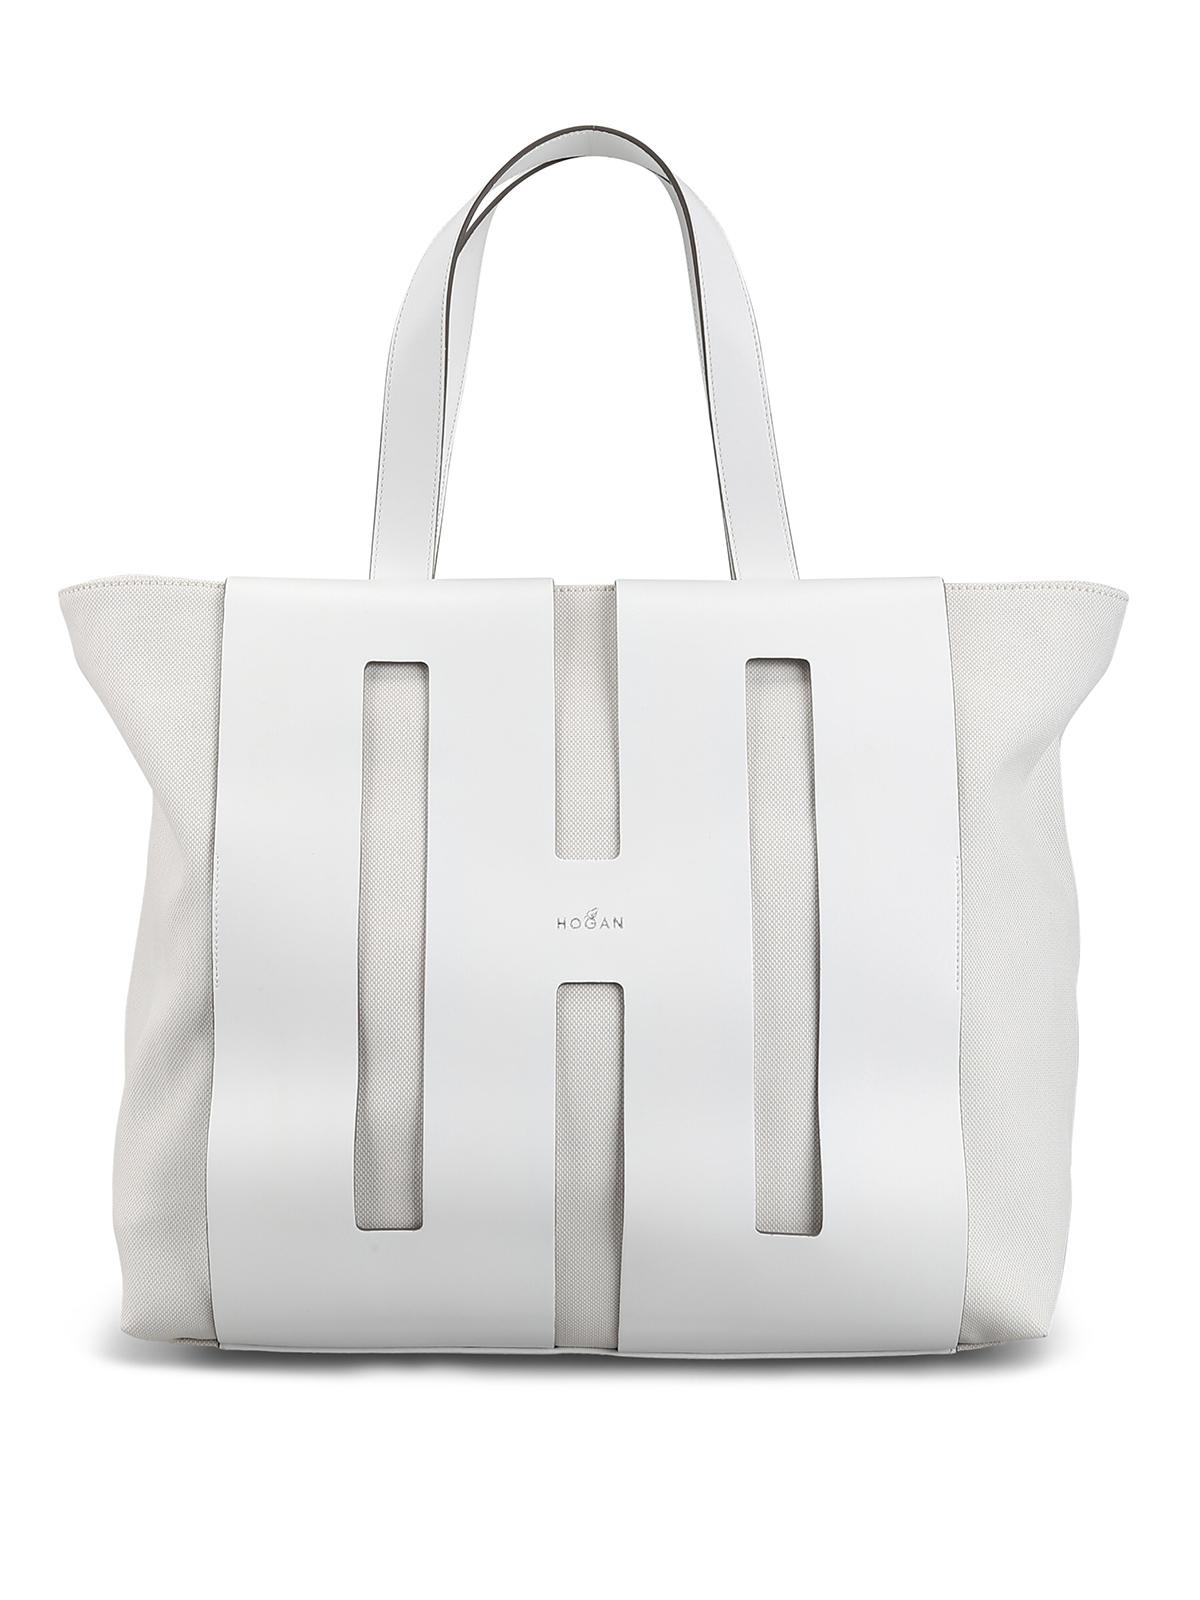 nouveau produit 106a1 03c93 Hogan - Sac Cabas - Blanc - Sacs à main - KBW015A0400KSUB001 ...